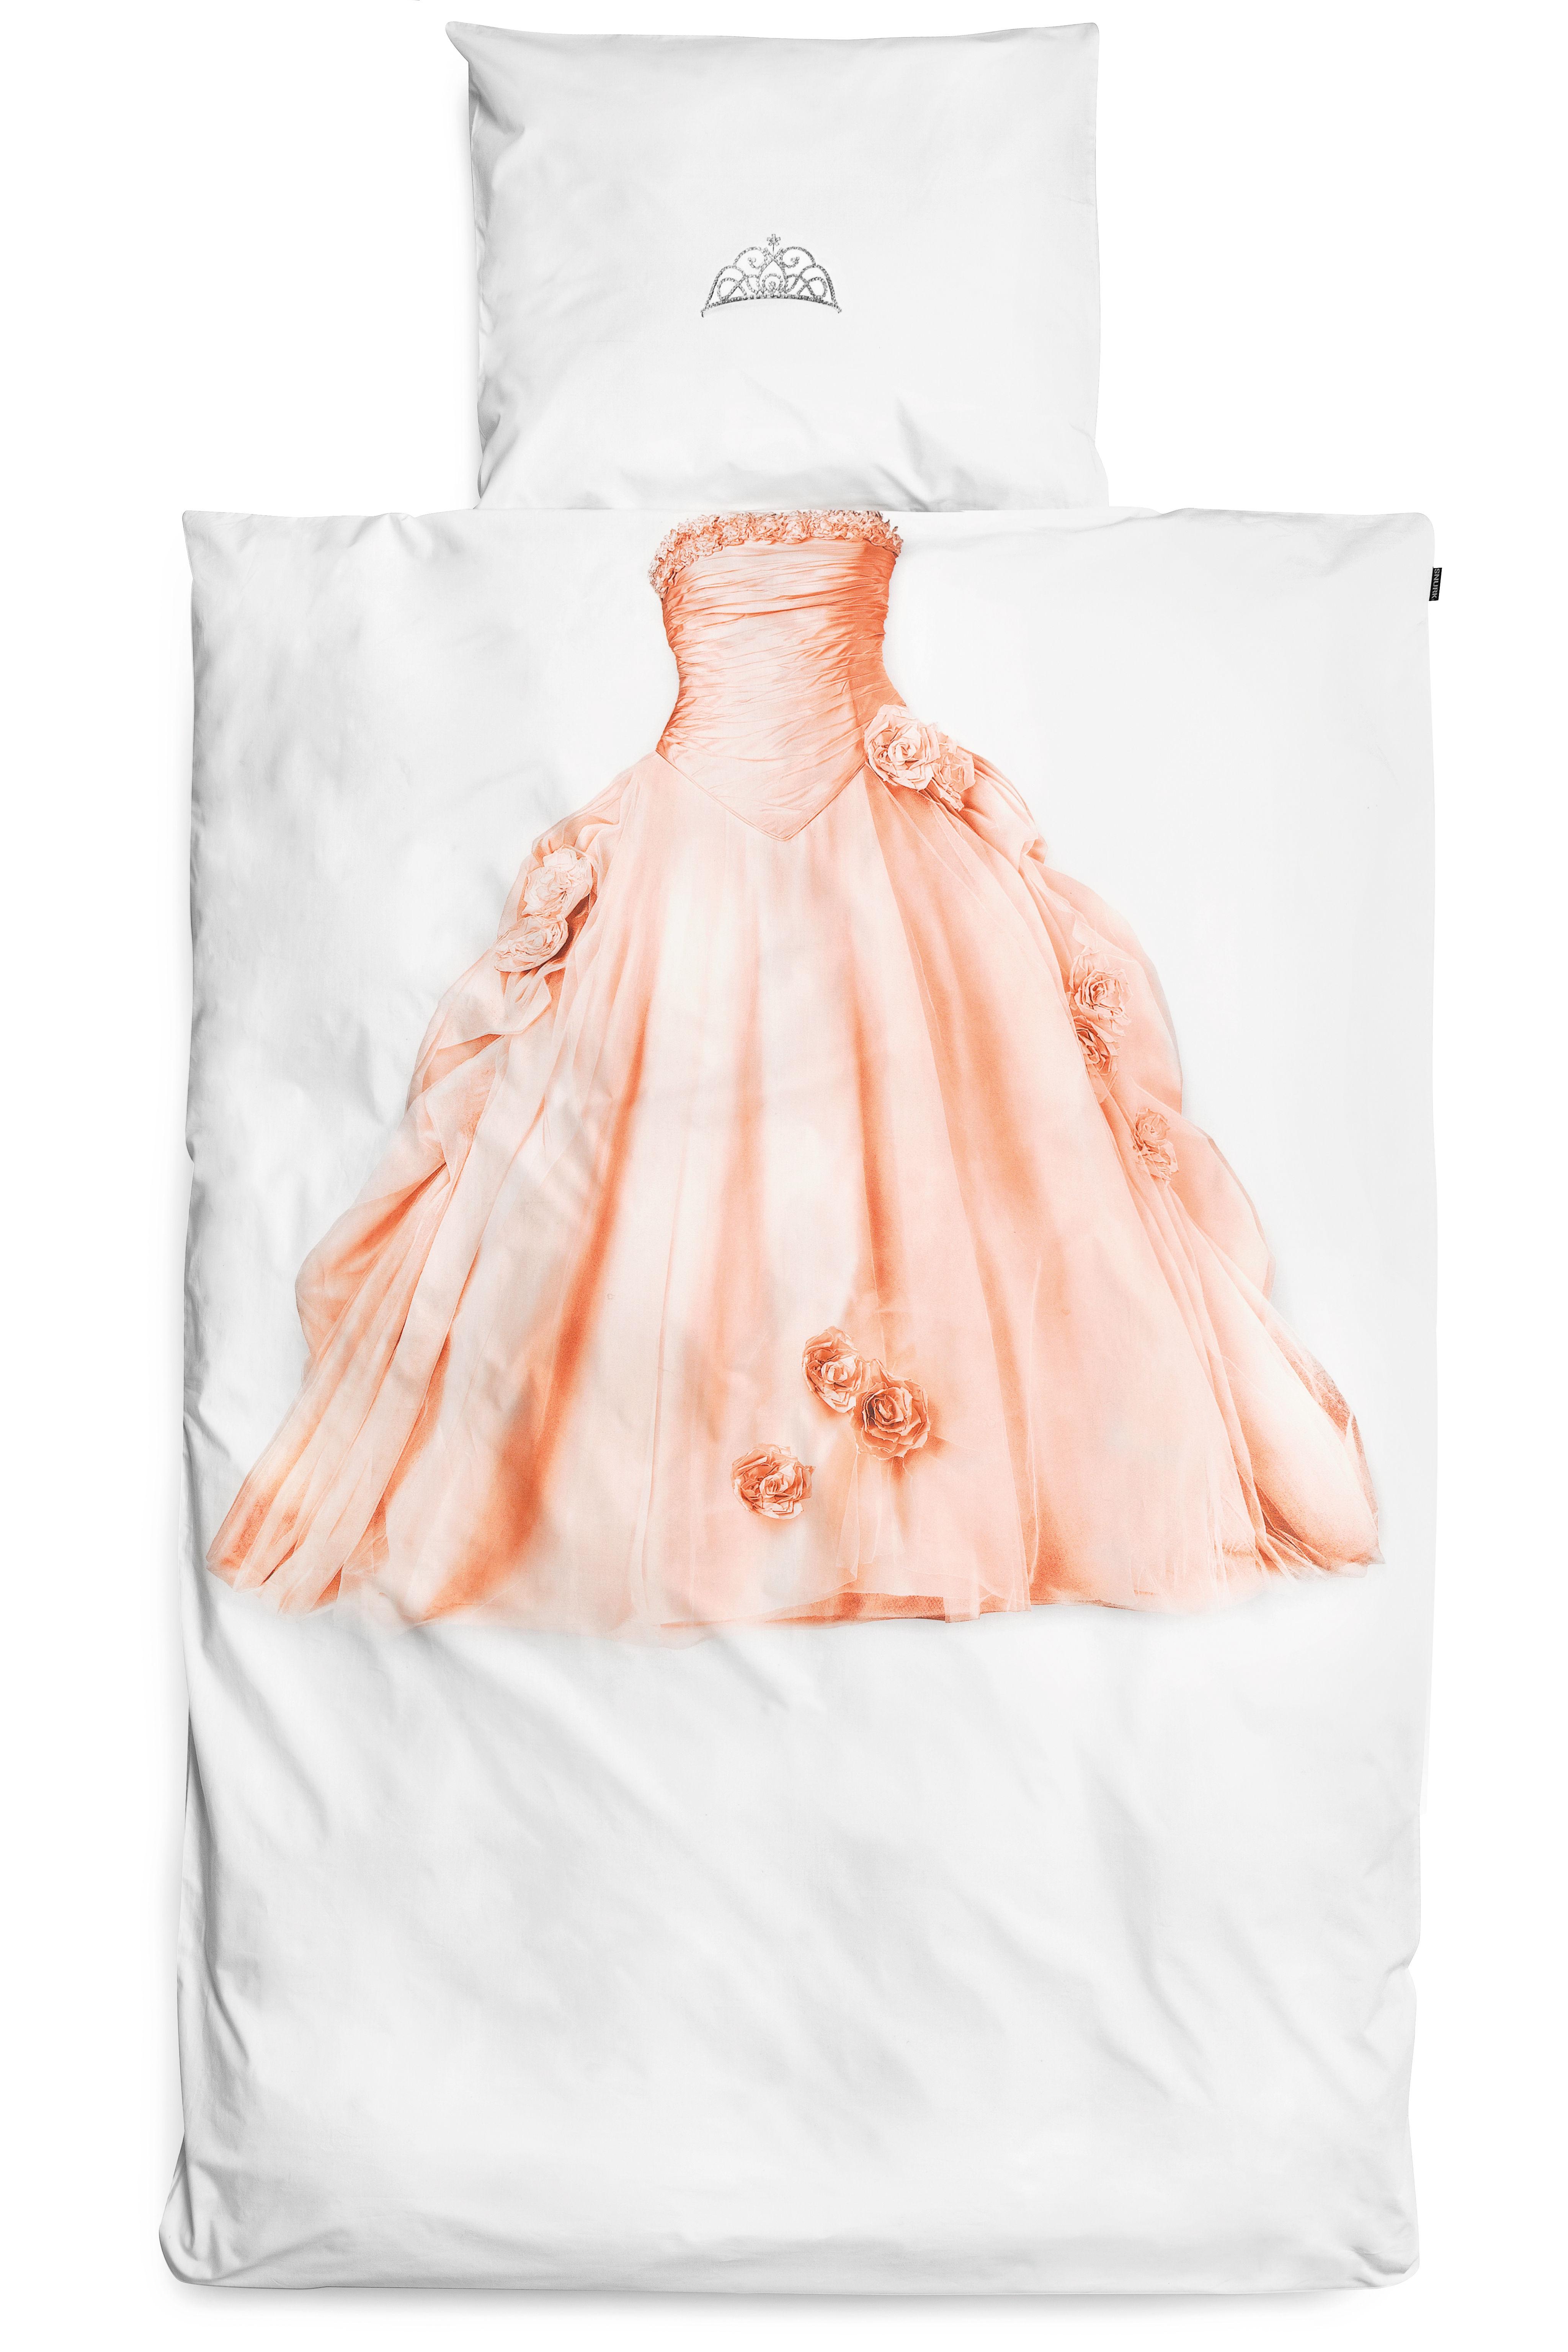 Interni - Per bambini - Biancheria da letto 1 persona Princesse - / 1 persona - 140 x 200 cm di Snurk - Bianco / Principessa - Percalle di cotone